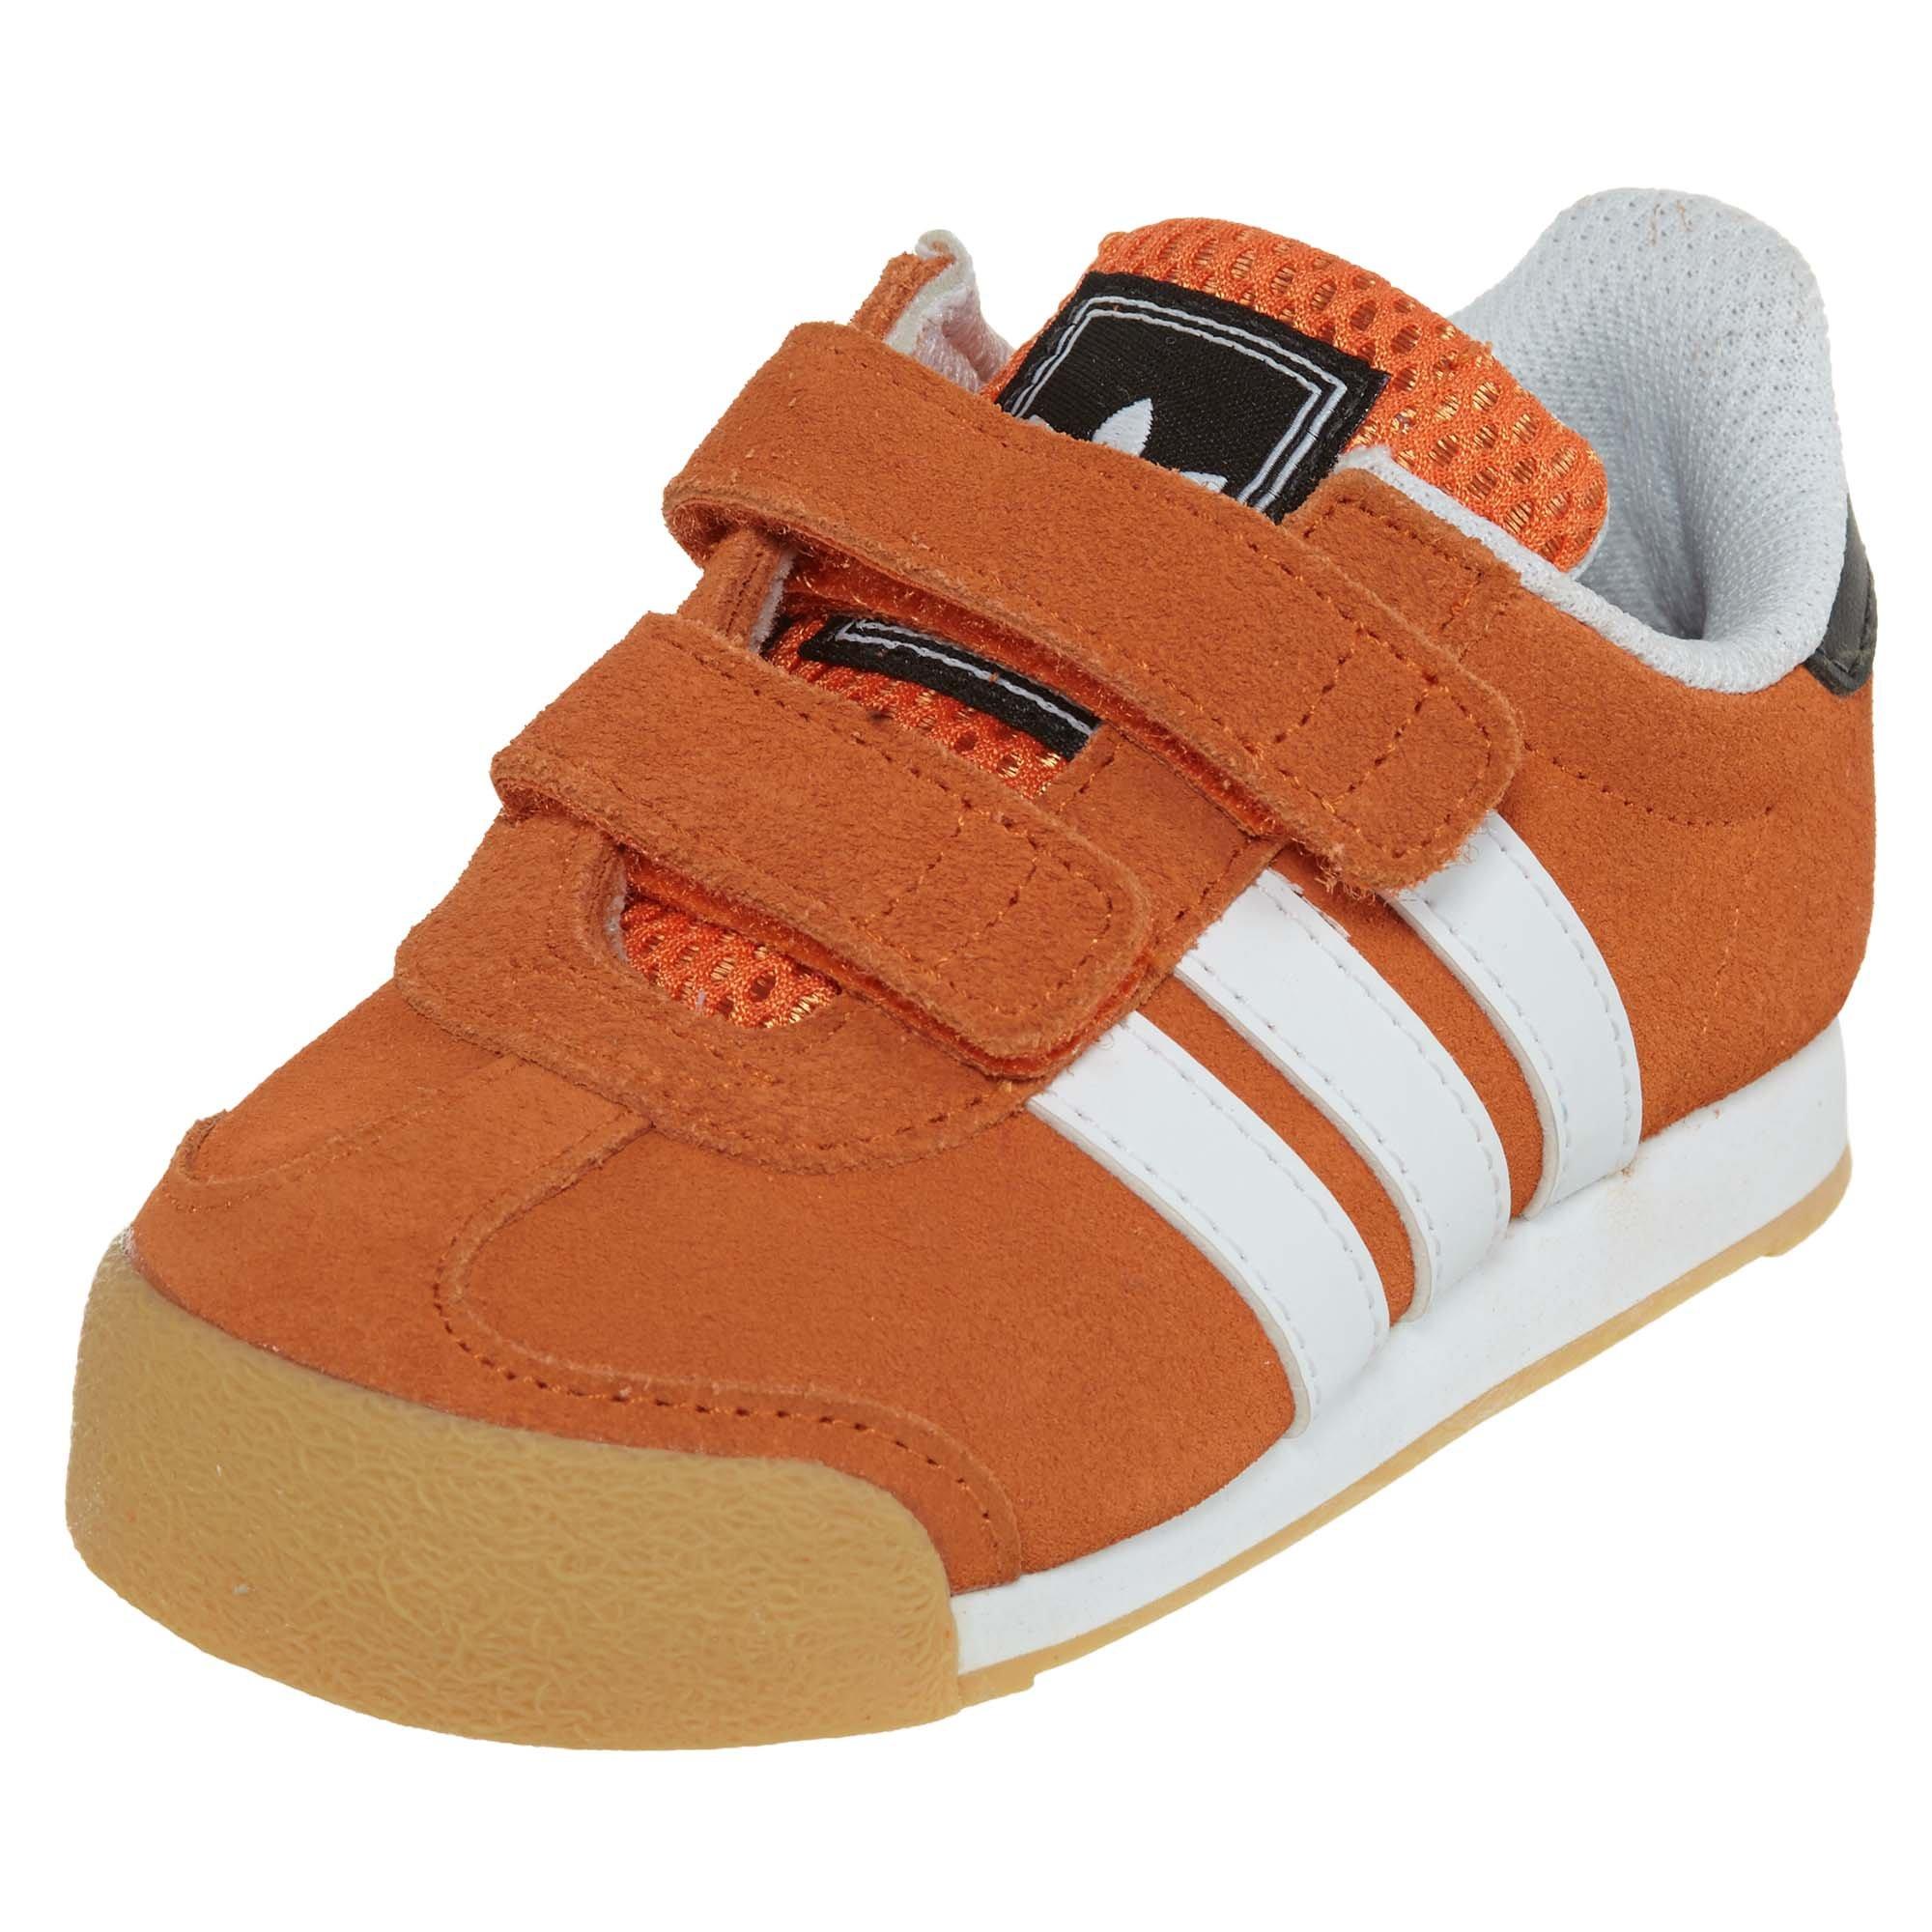 Adidas Samoa Toddler Style: C75475-ORANGE/WHI/BLACK Size: 6.5